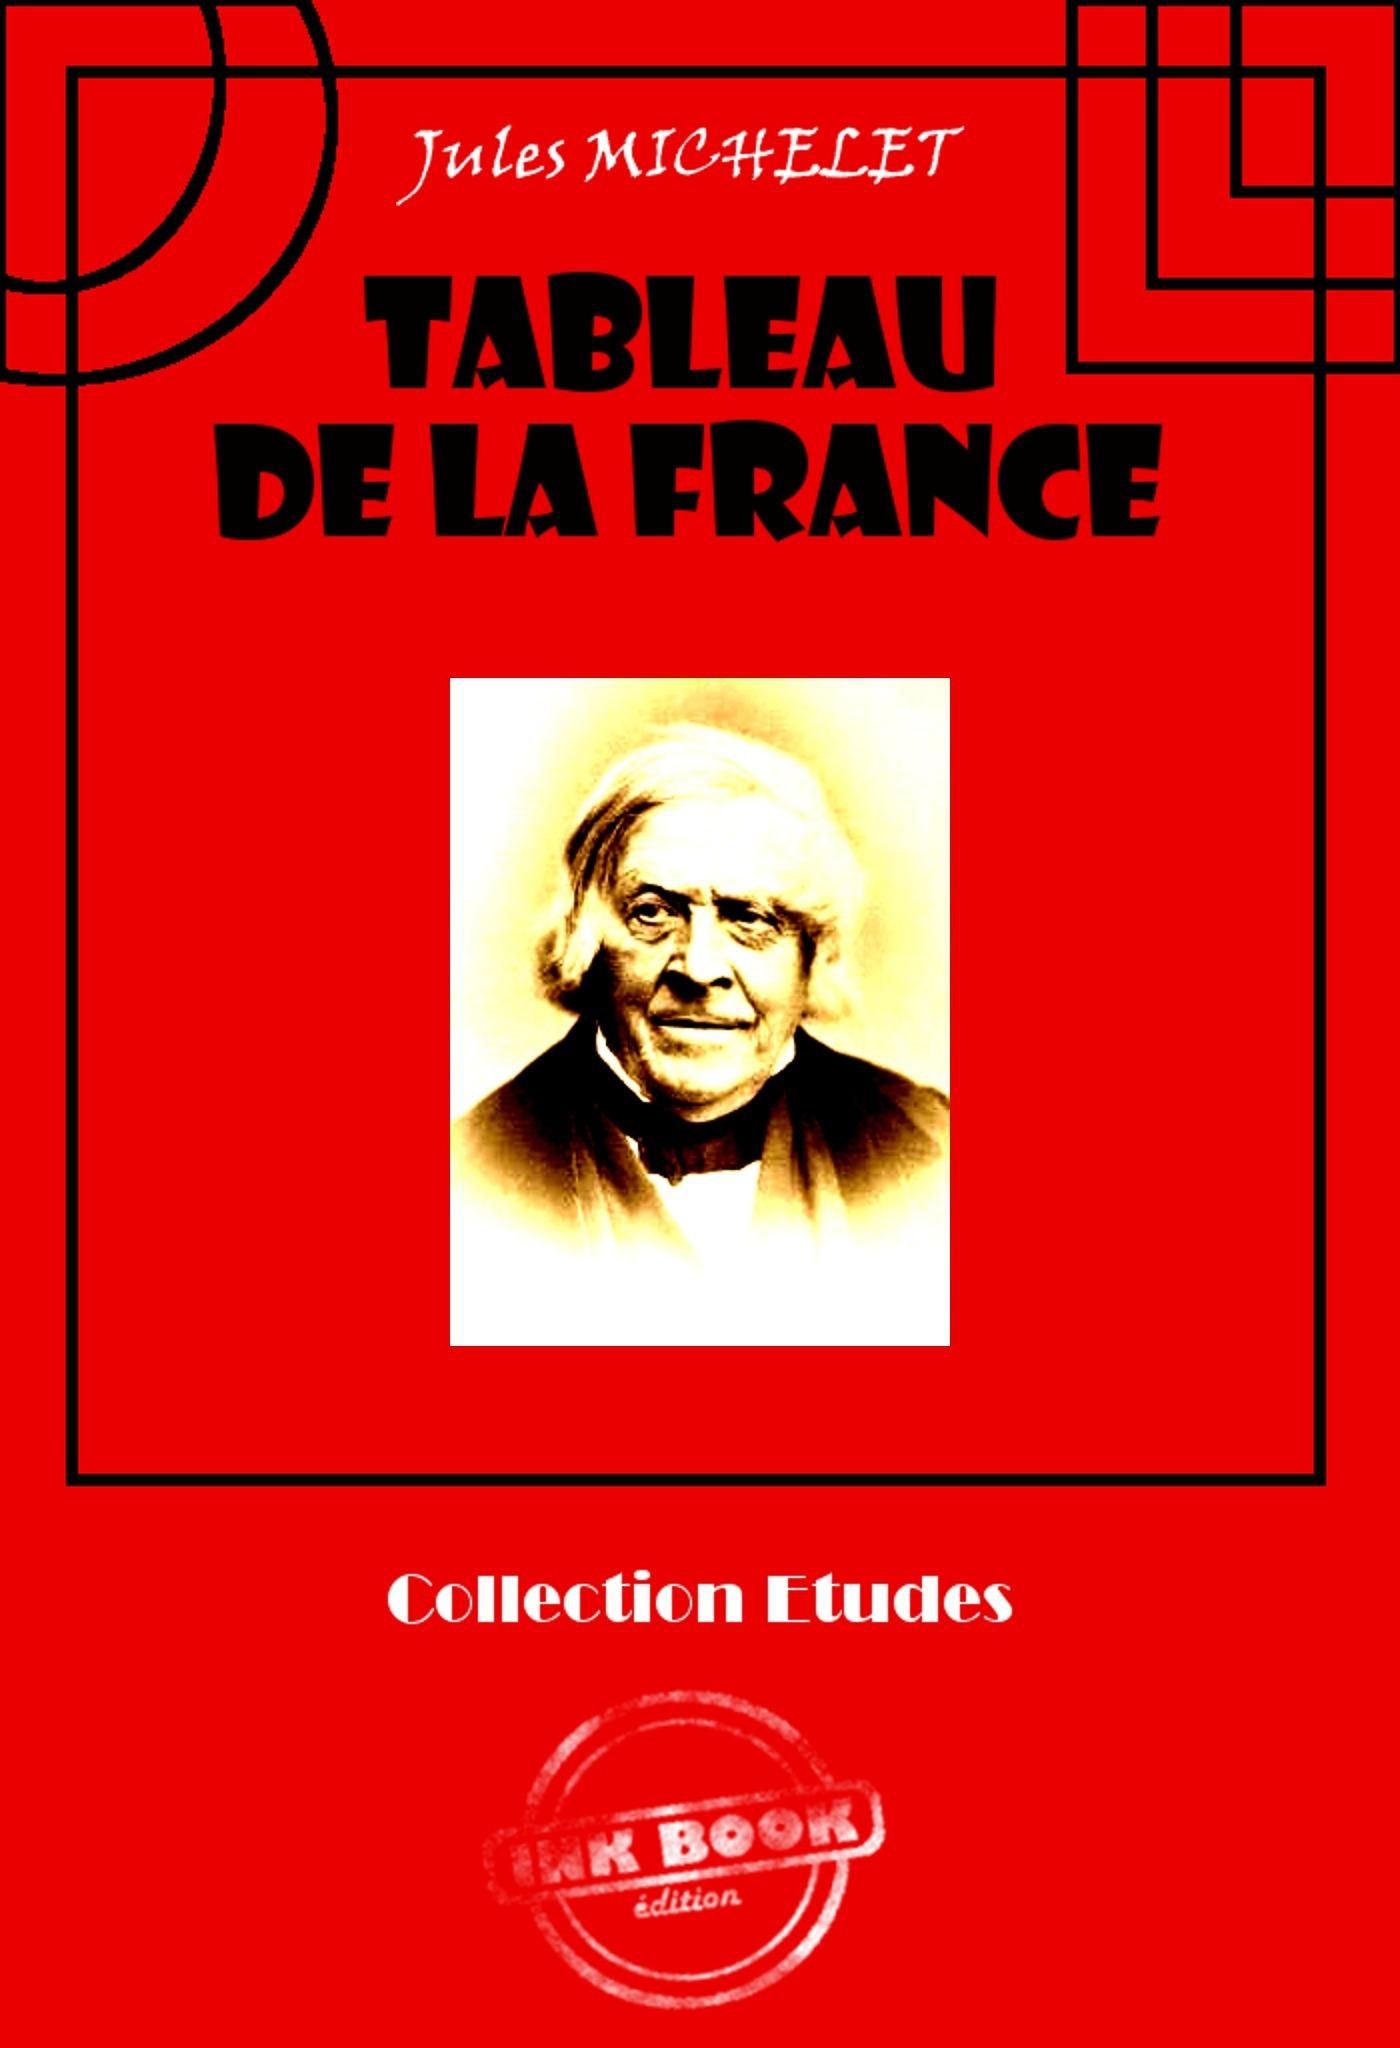 Tableau de la France